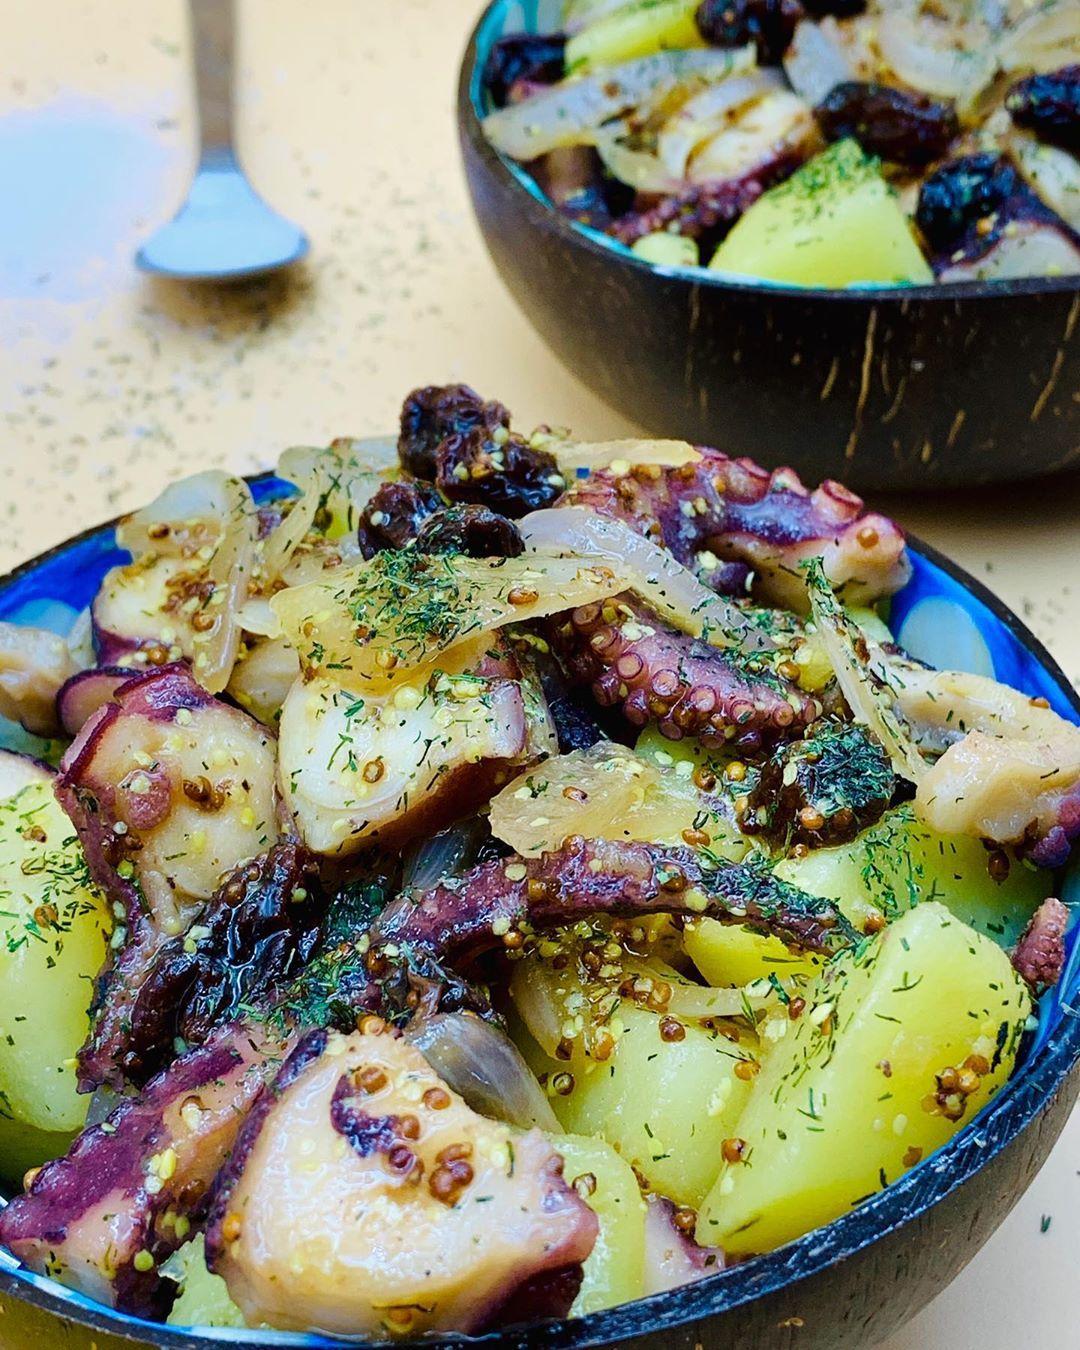 Ana Estévez Dill Clove On Instagram Ensalada De Patata Y Pulpo Ingredientes 300 G De Pulpo 1 Cebolla Mo En 2020 Ensalada De Patatas Ensaladas Patatas